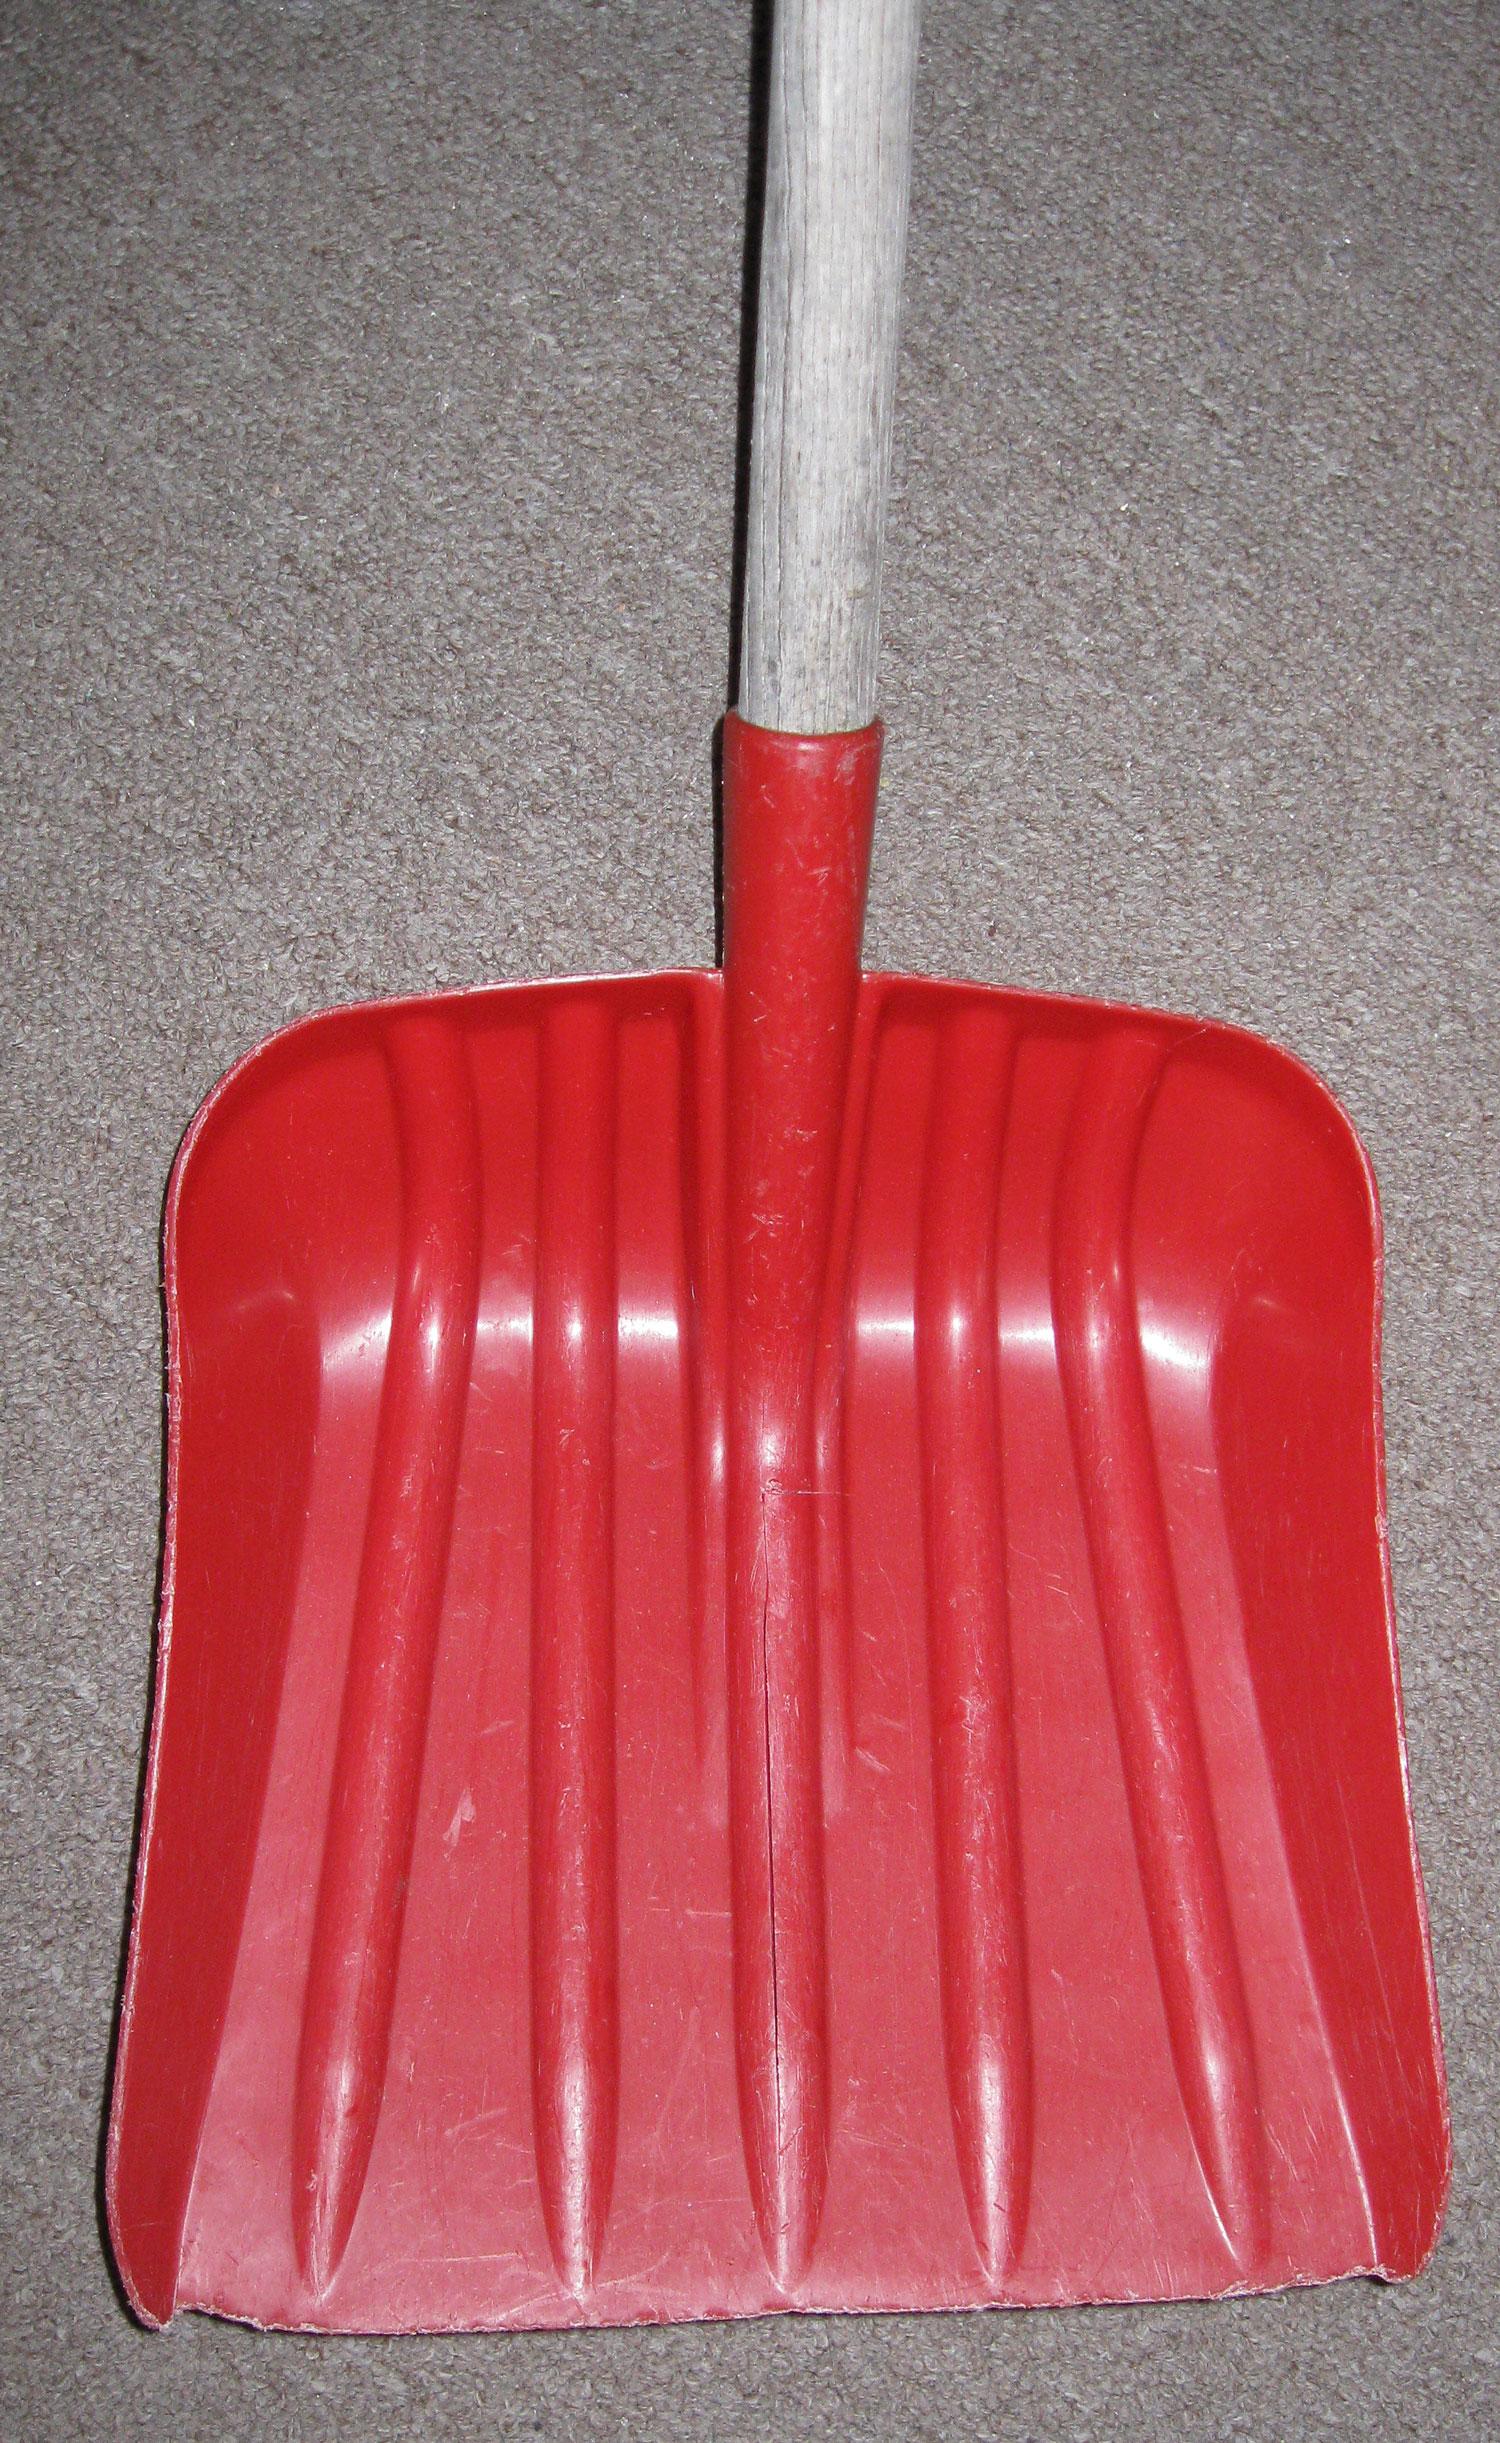 Good old shovel